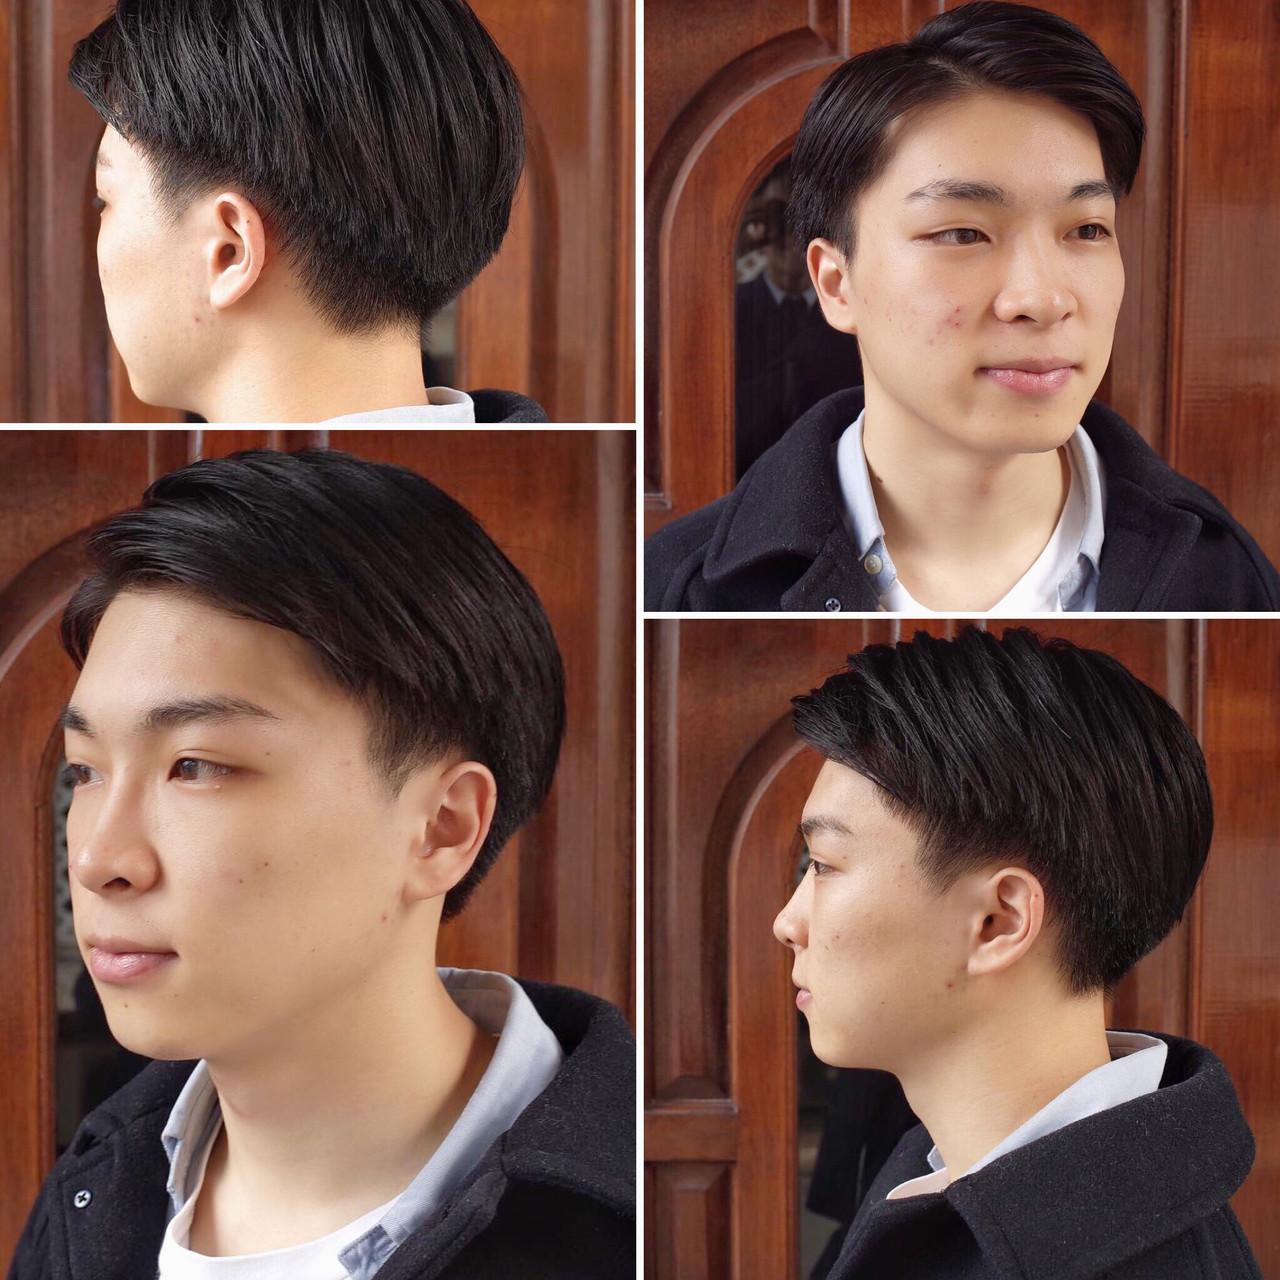 メンズショート メンズヘア メンズ ナチュラル ヘアスタイルや髪型の写真・画像